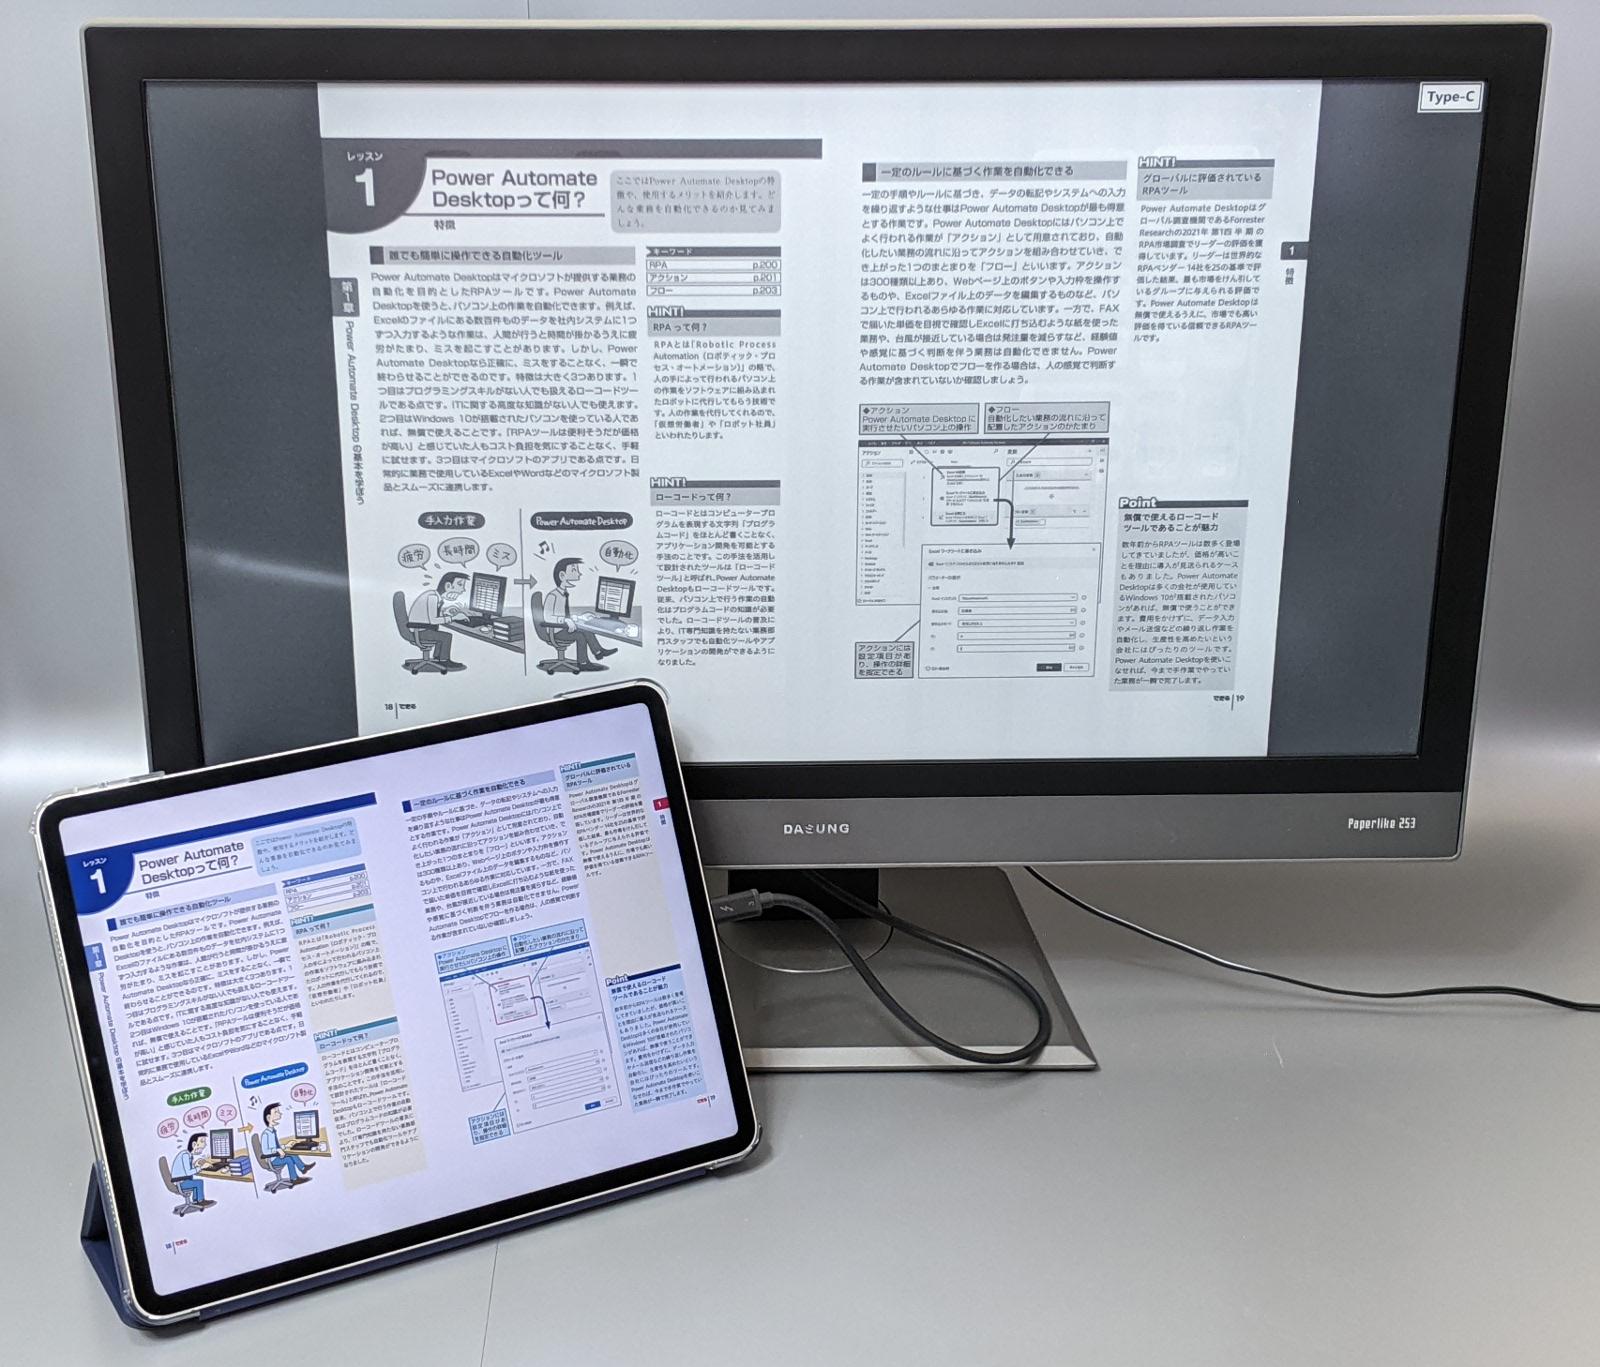 日本でも近日発売される25.3型のE Inkディスプレイ「Paperlike 253」で表示したところ(左下は12.9インチiPad Pro)。PC用ディスプレイは画面と目の距離が広いため、原寸よりも大きく表示しないと読みにくい